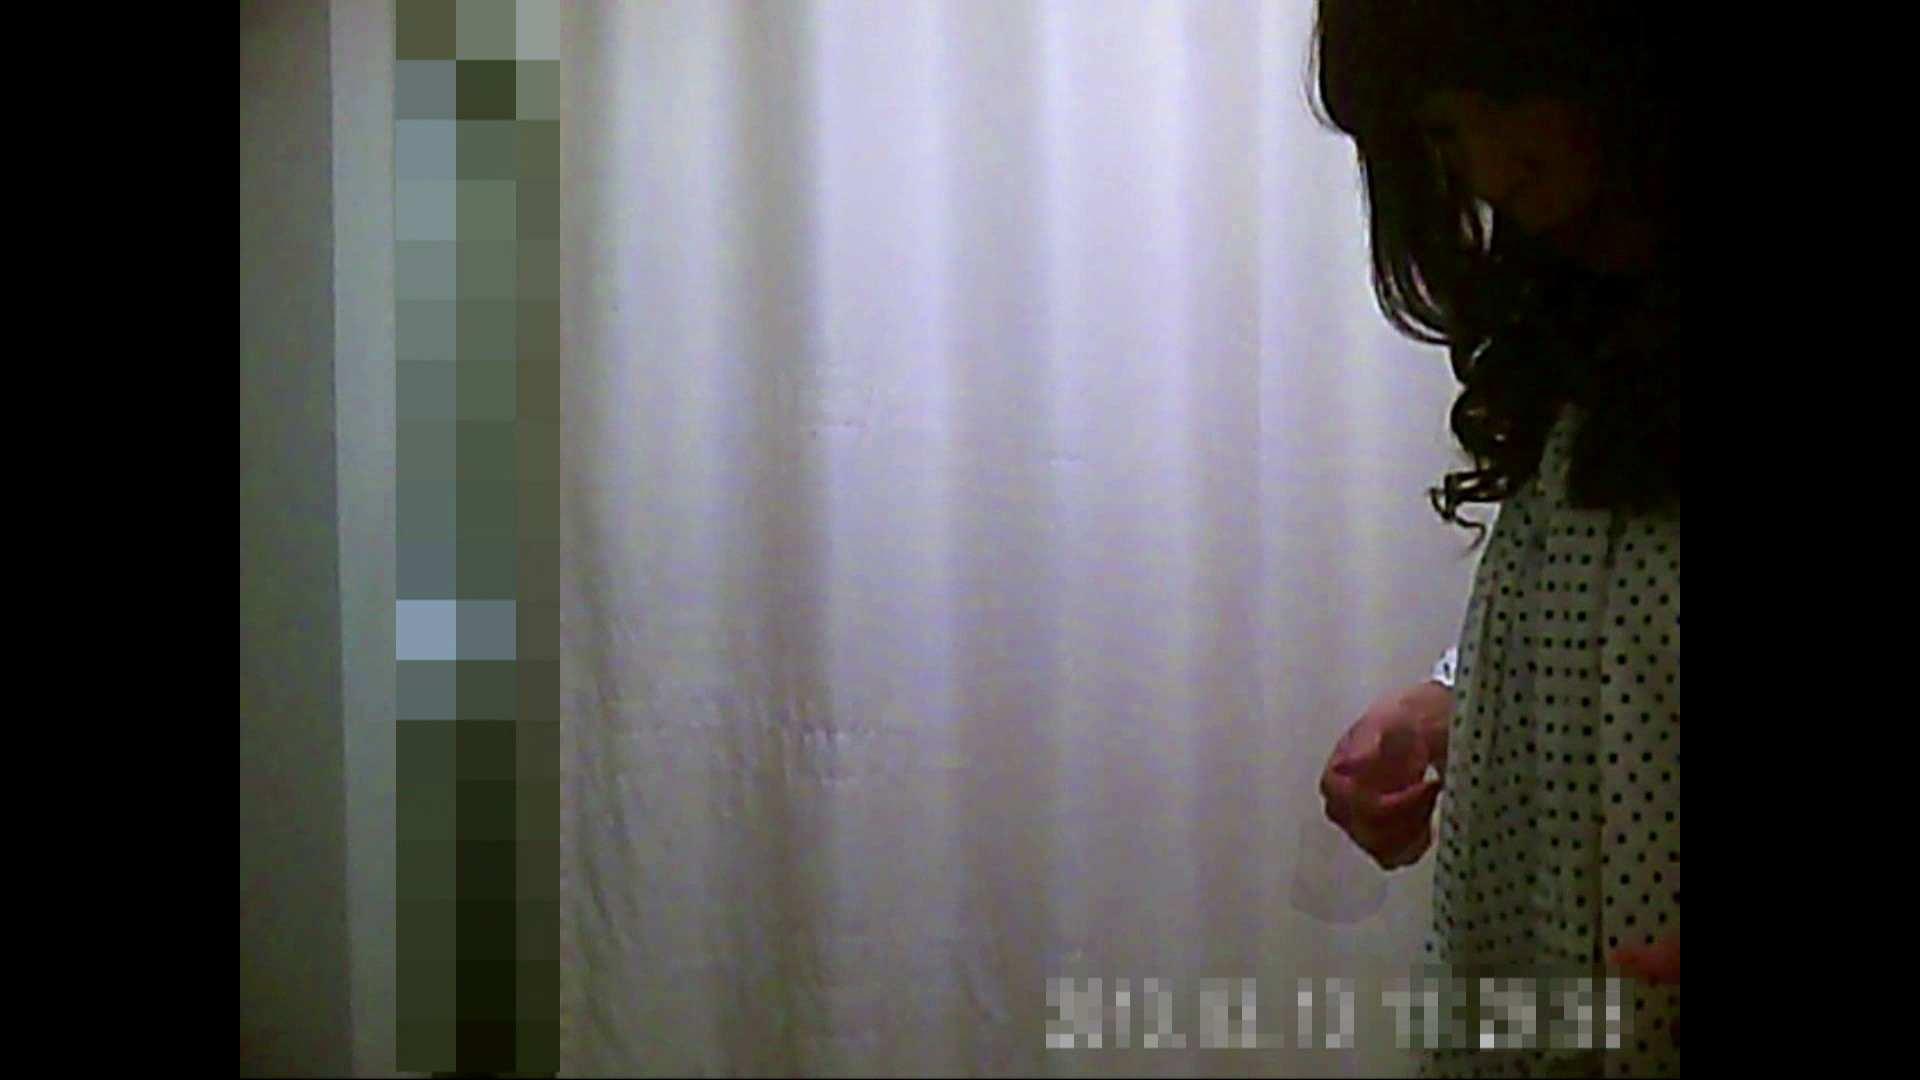 病院おもいっきり着替え! vol.199 チクビ 戯れ無修正画像 106画像 84